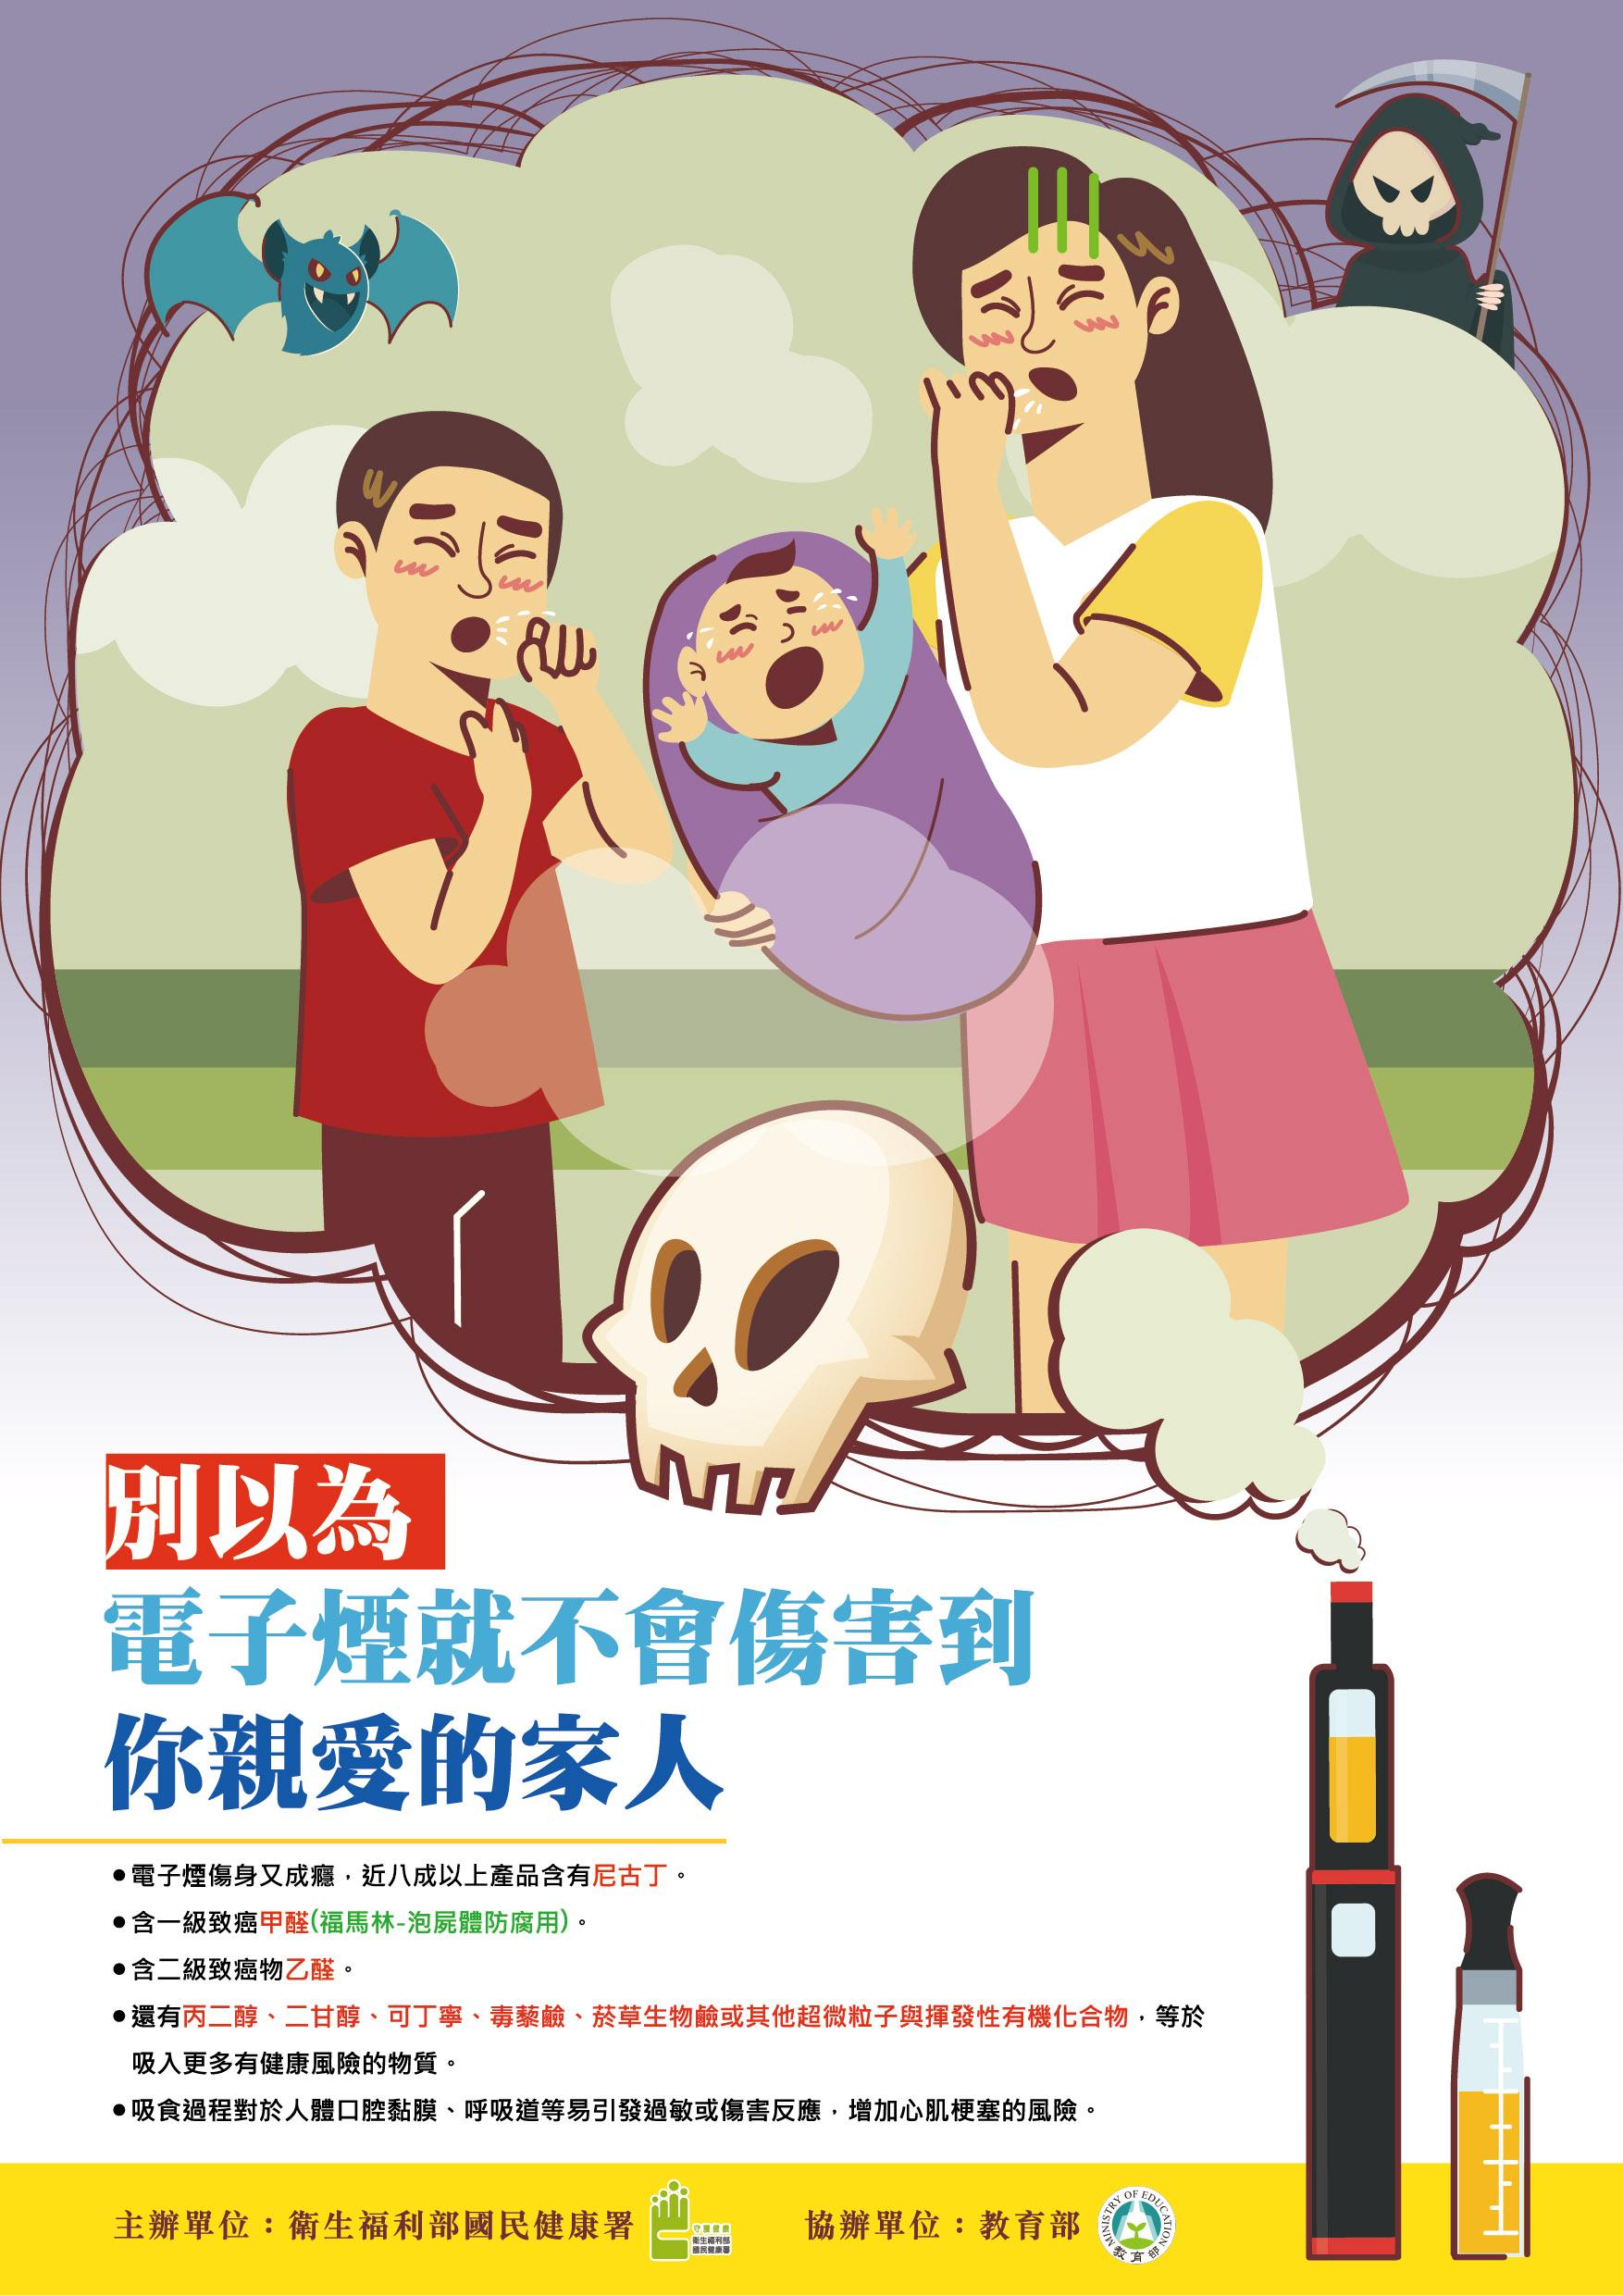 海報-佳作-別以為電子煙就不會傷害你家人 (遠離迷霧傷害校園創意圖文徵選活動)